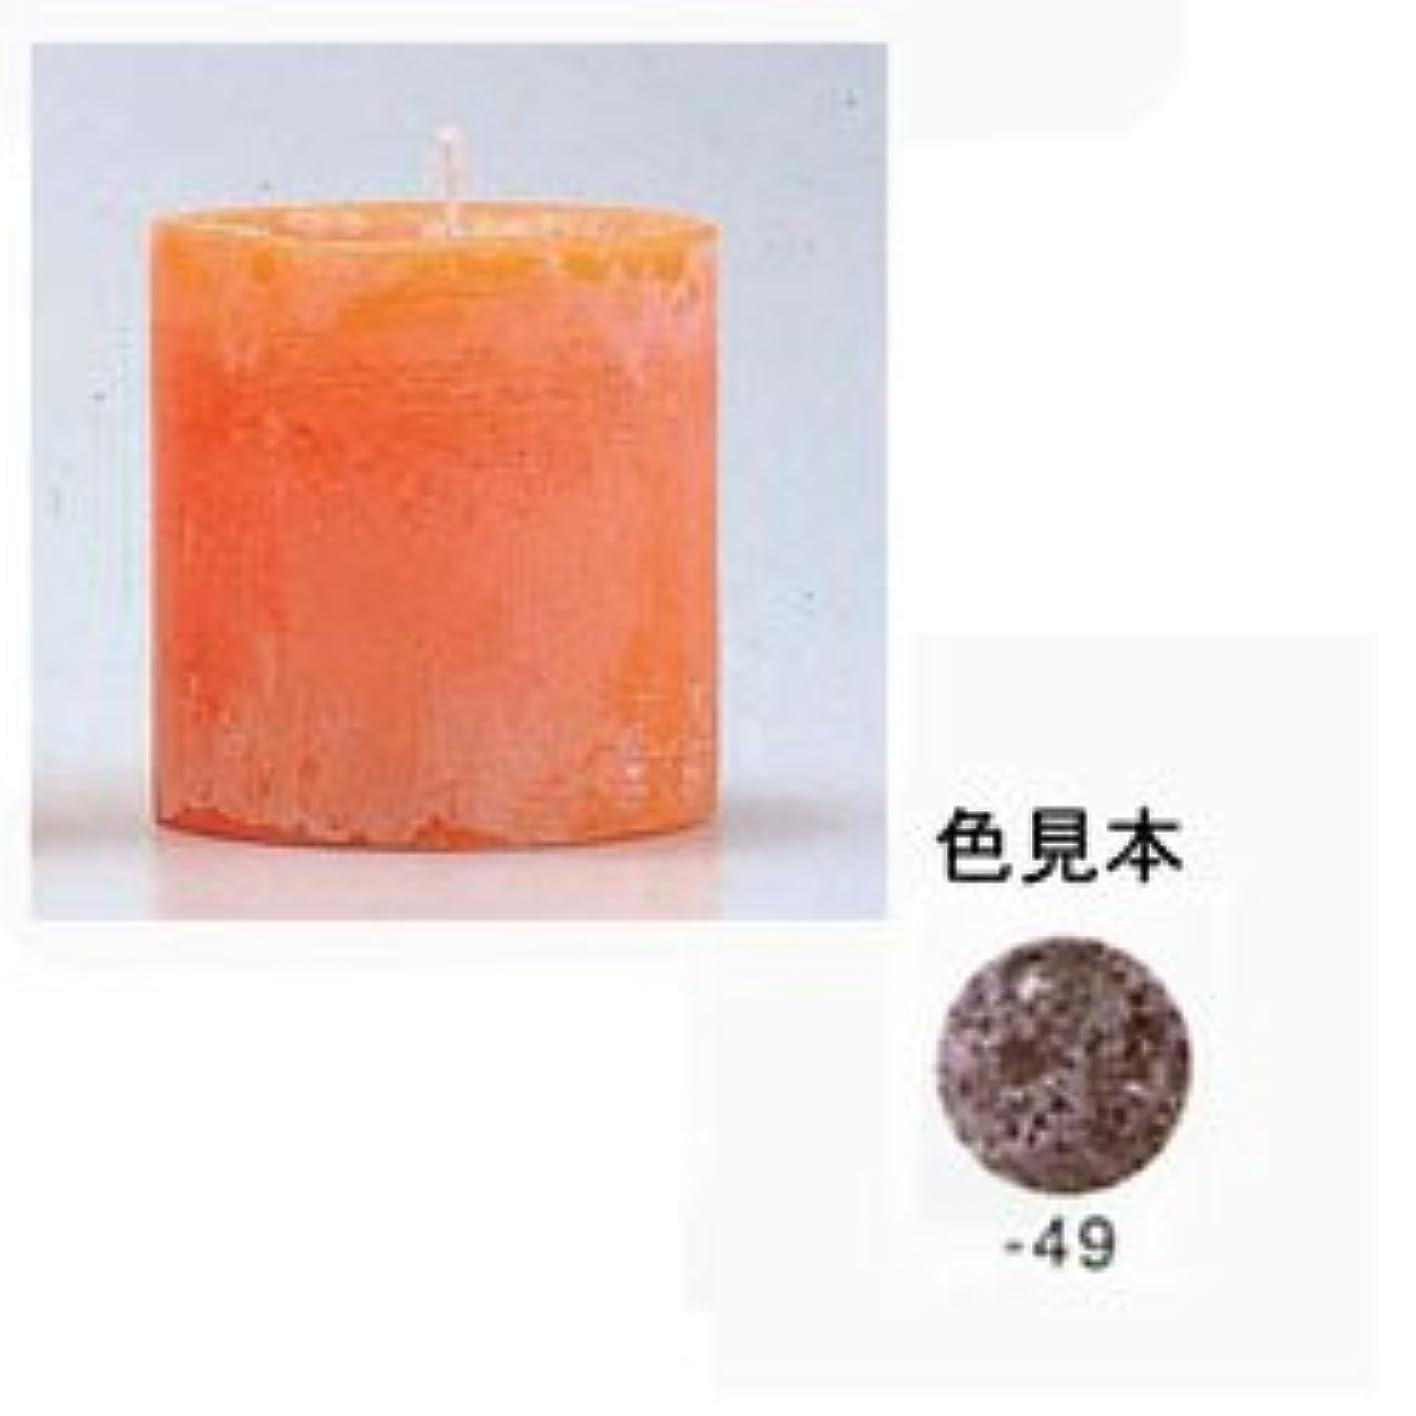 カフェ娘便宜ナチュレ 2?3/4×3 ローアンバー